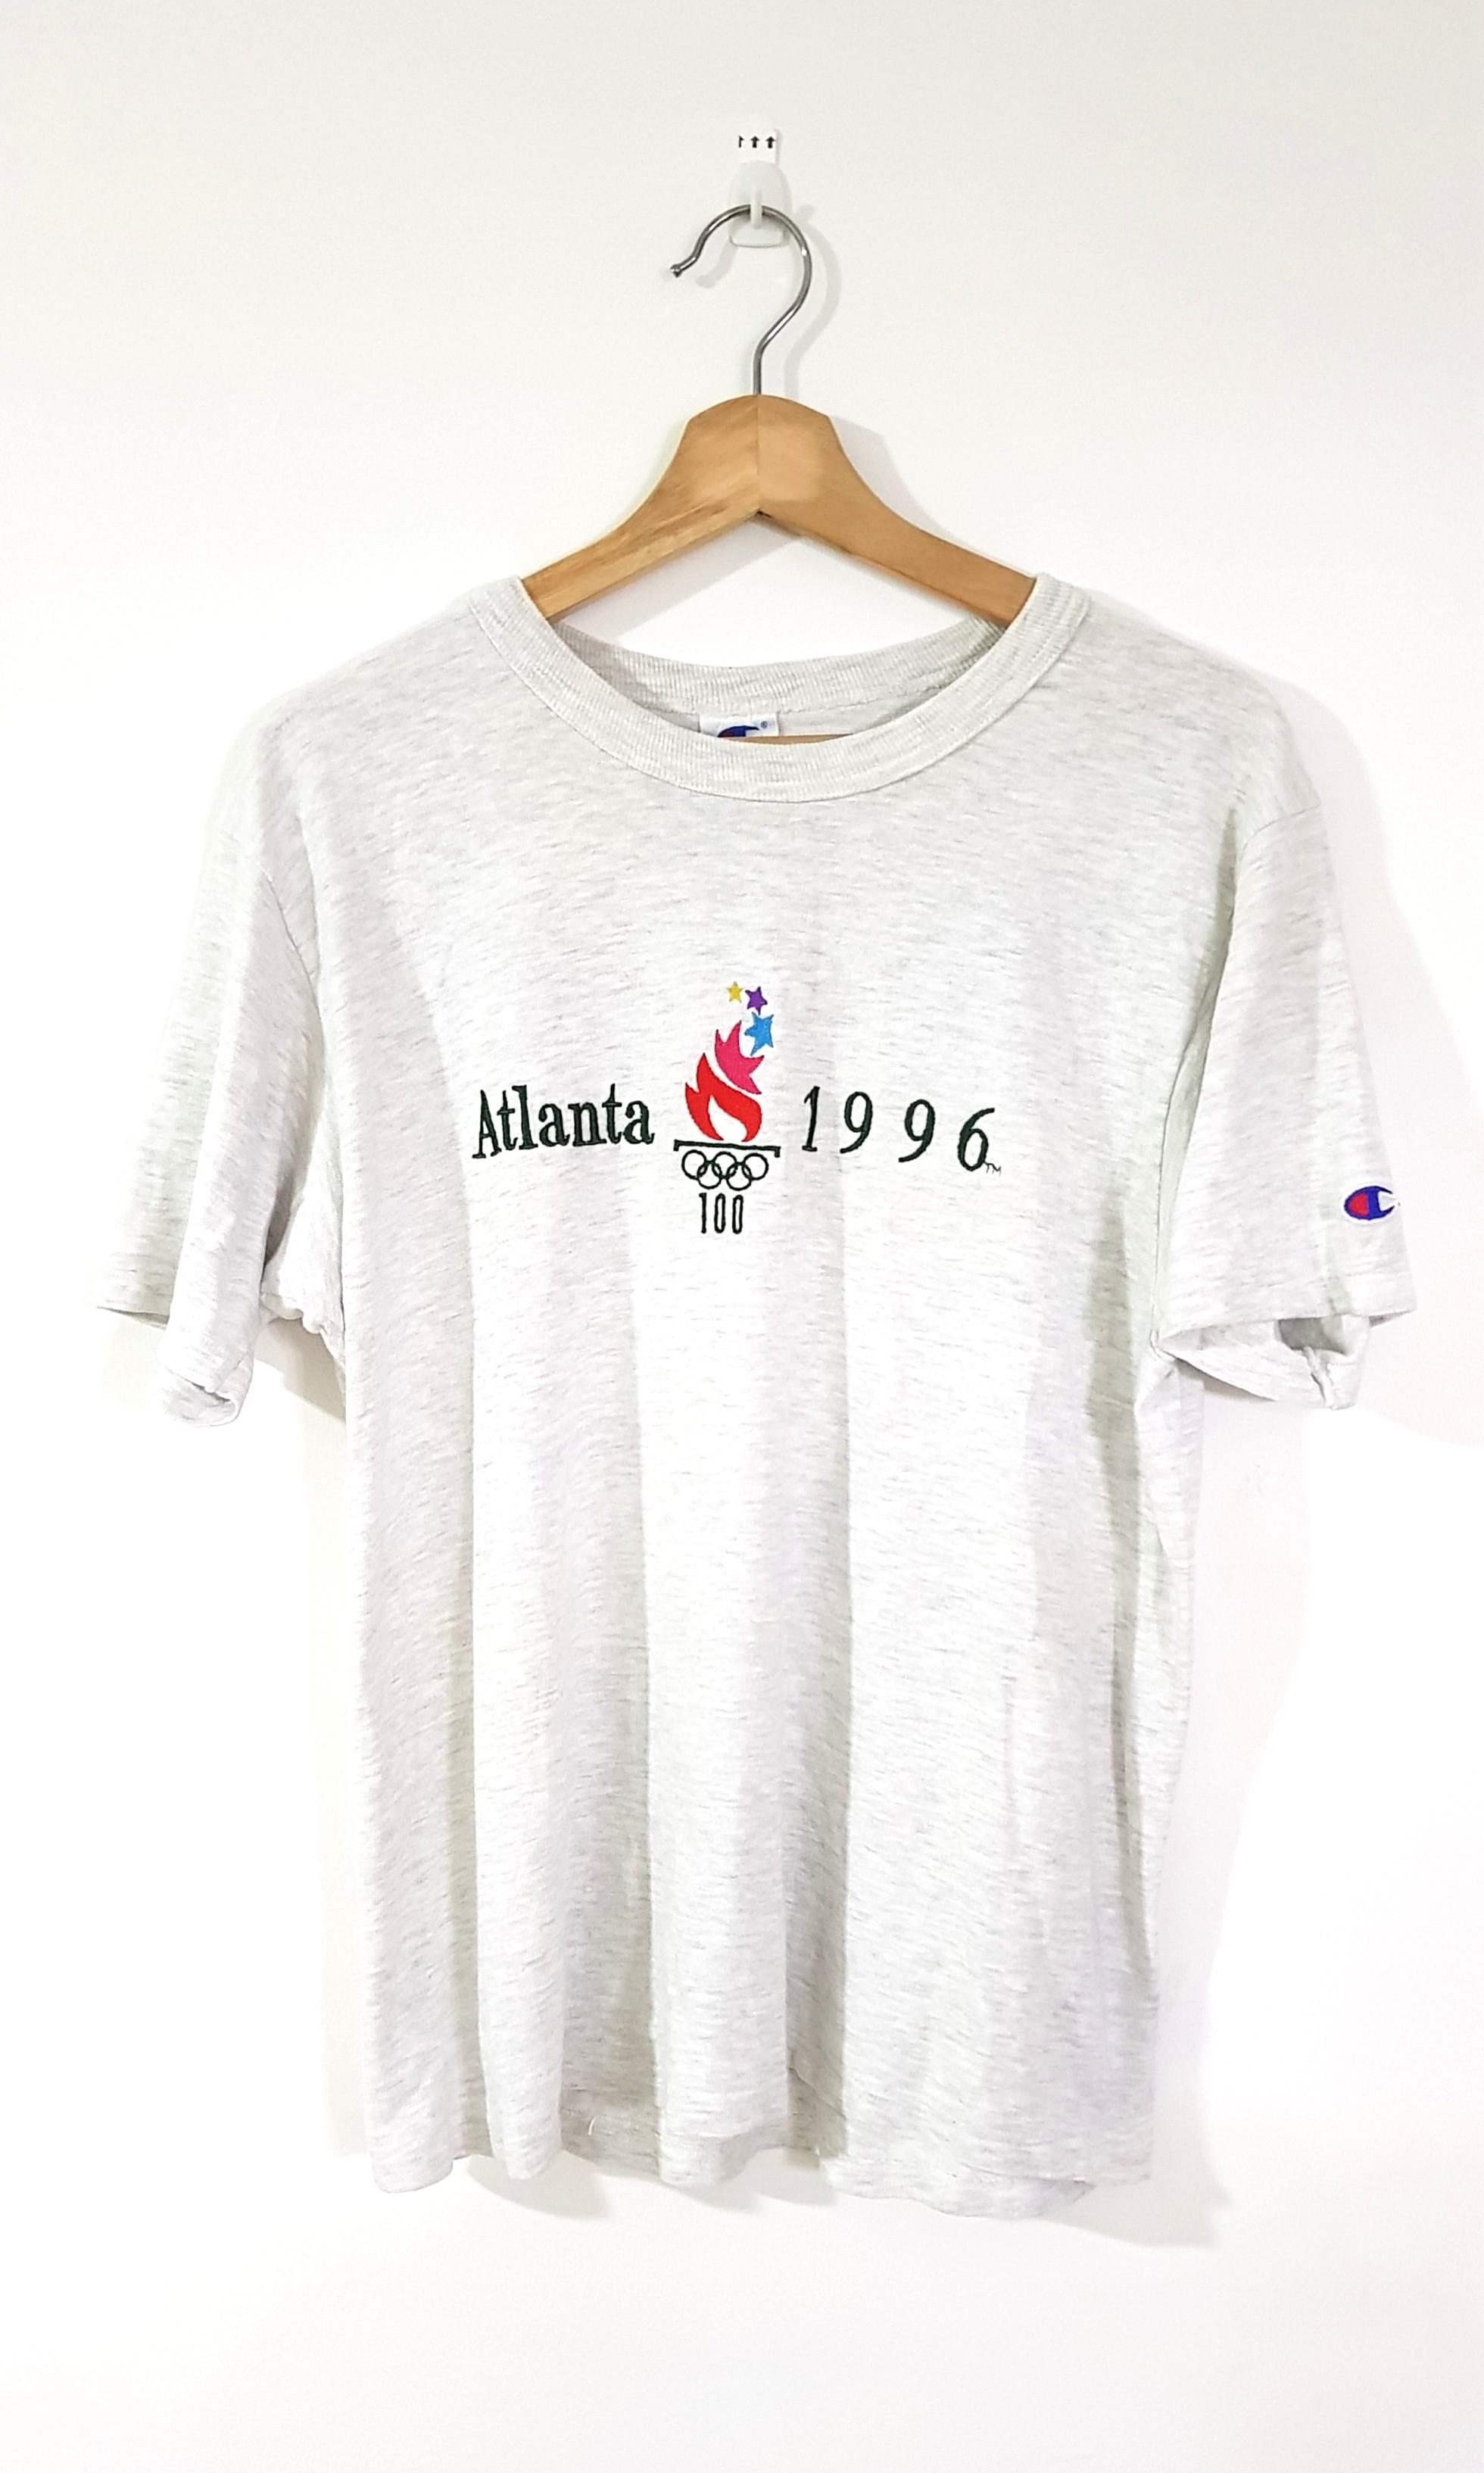 27a8970943f9 Vintage Olympic Atlanta 1996 Champion Tshirt